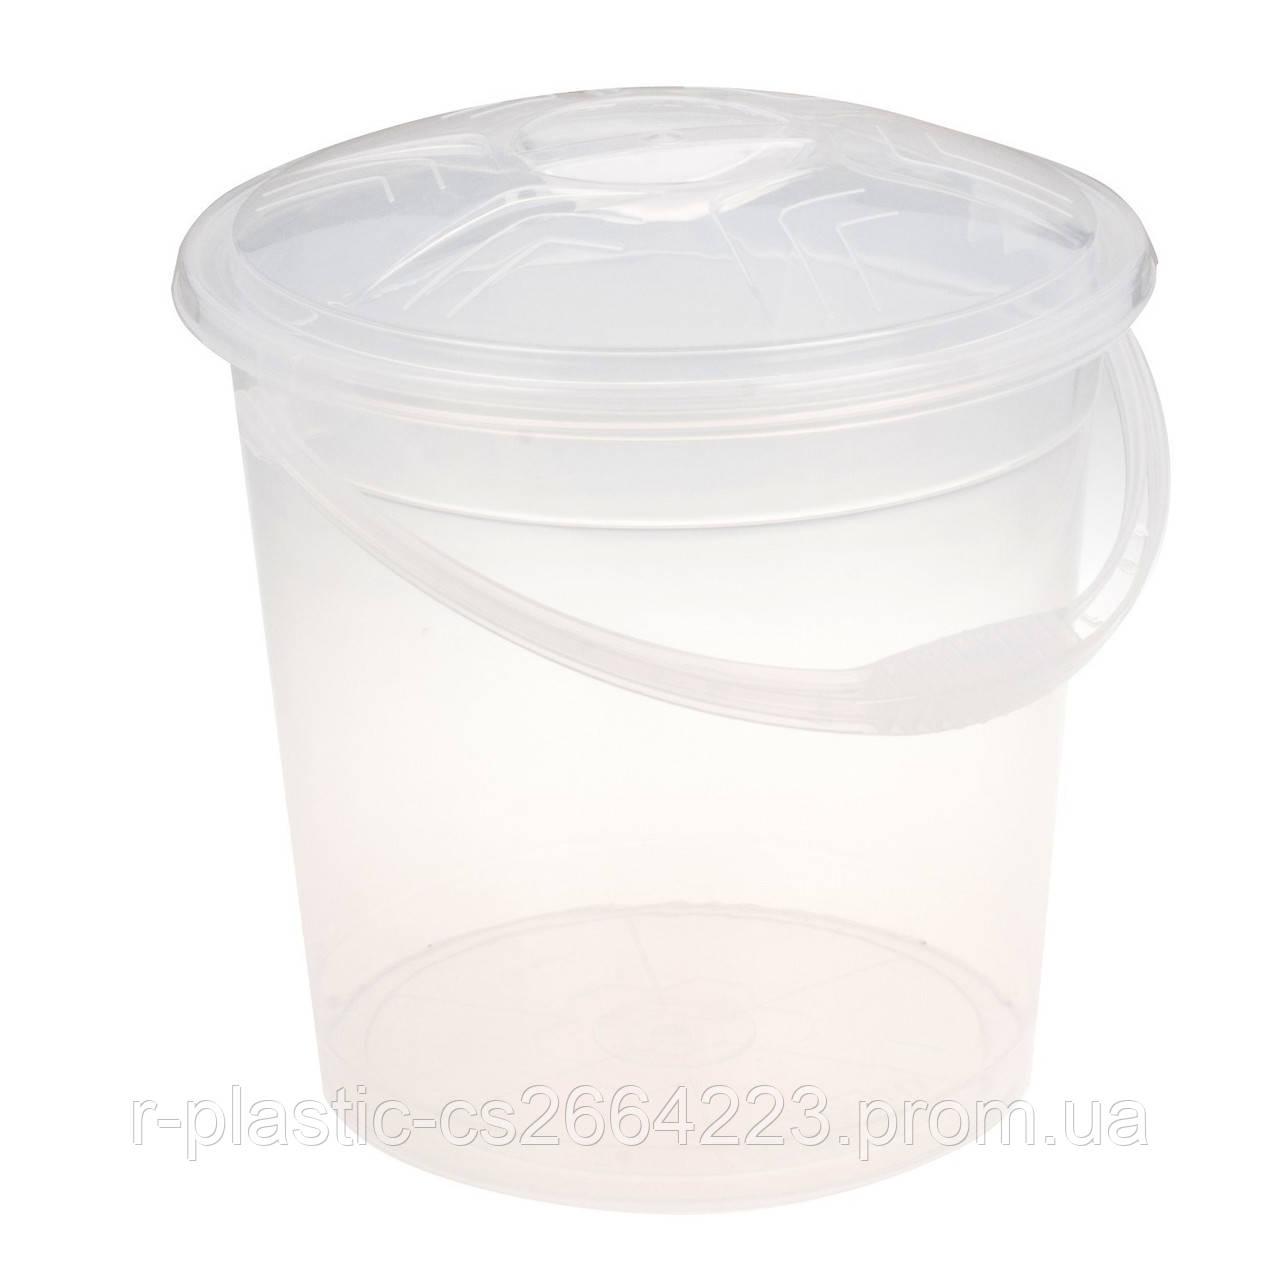 Ведро прозрачное с крышкой 15л R-Plastic белое